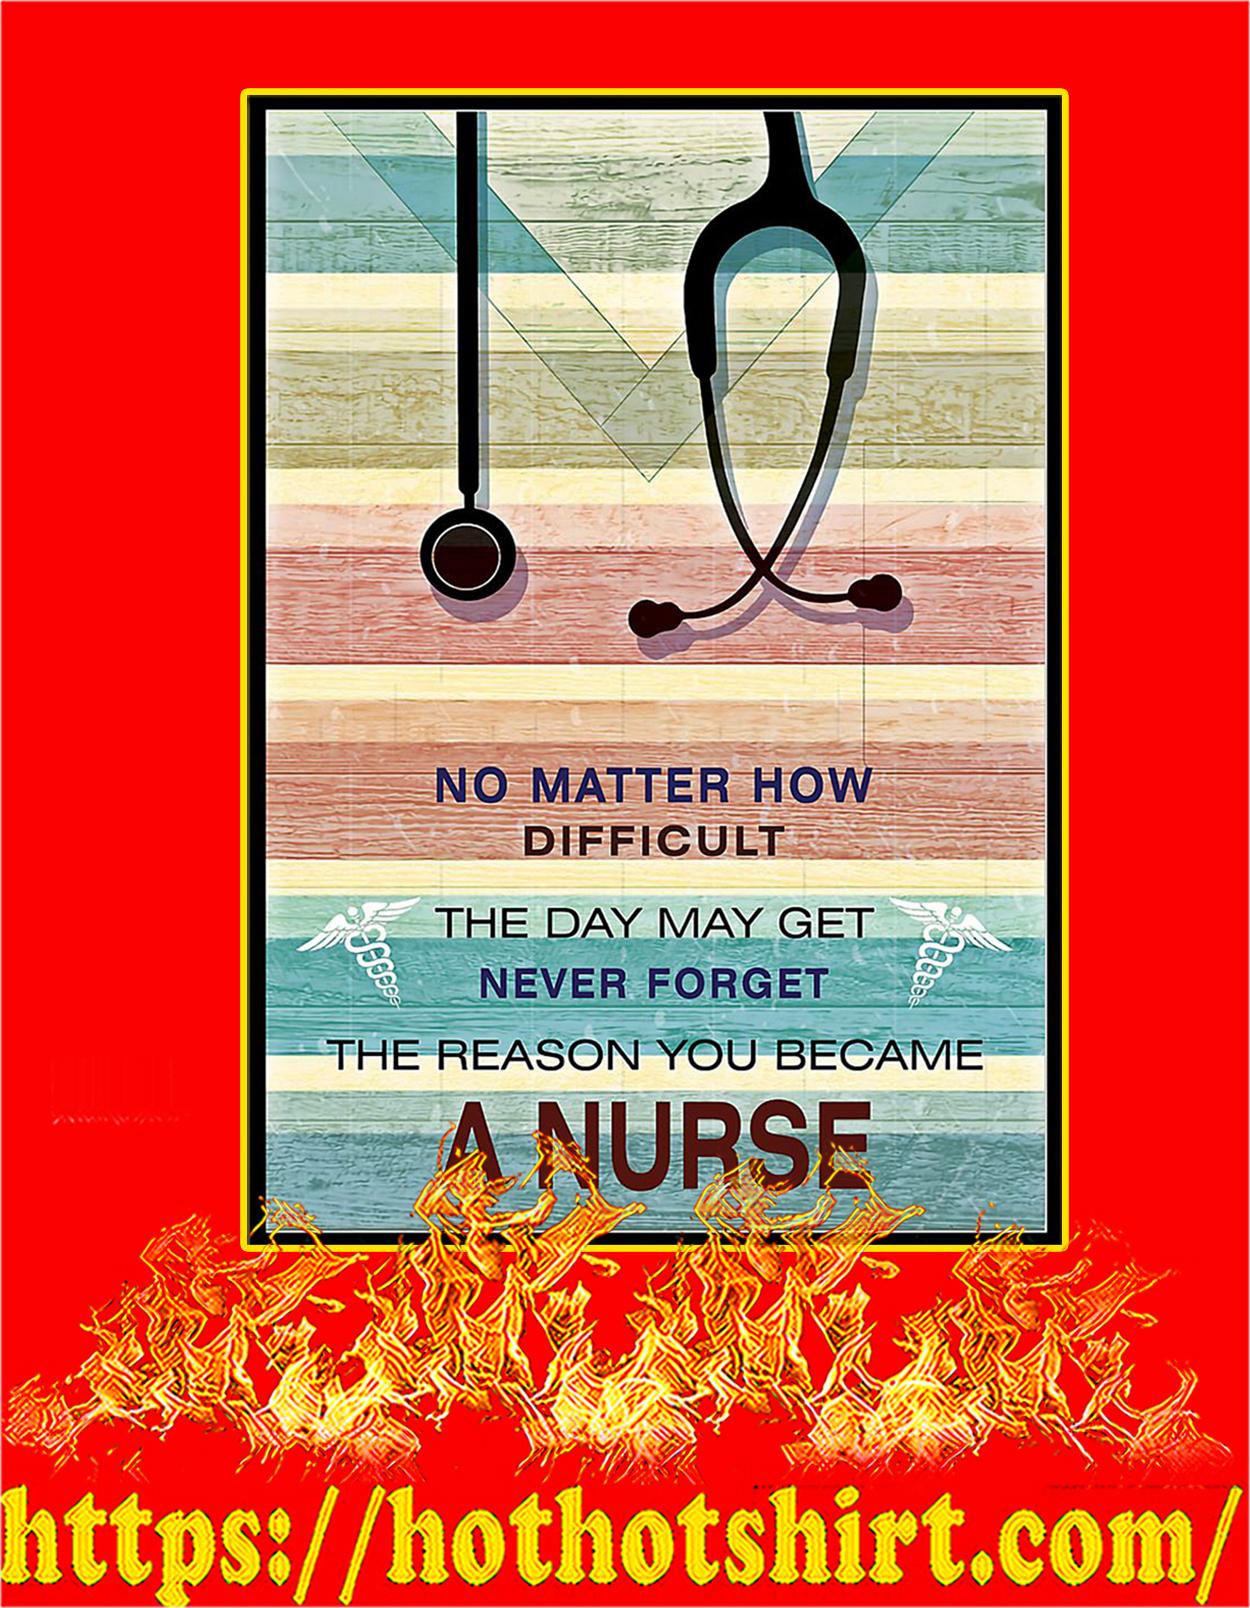 Nurse No matter how difficult poster - A3